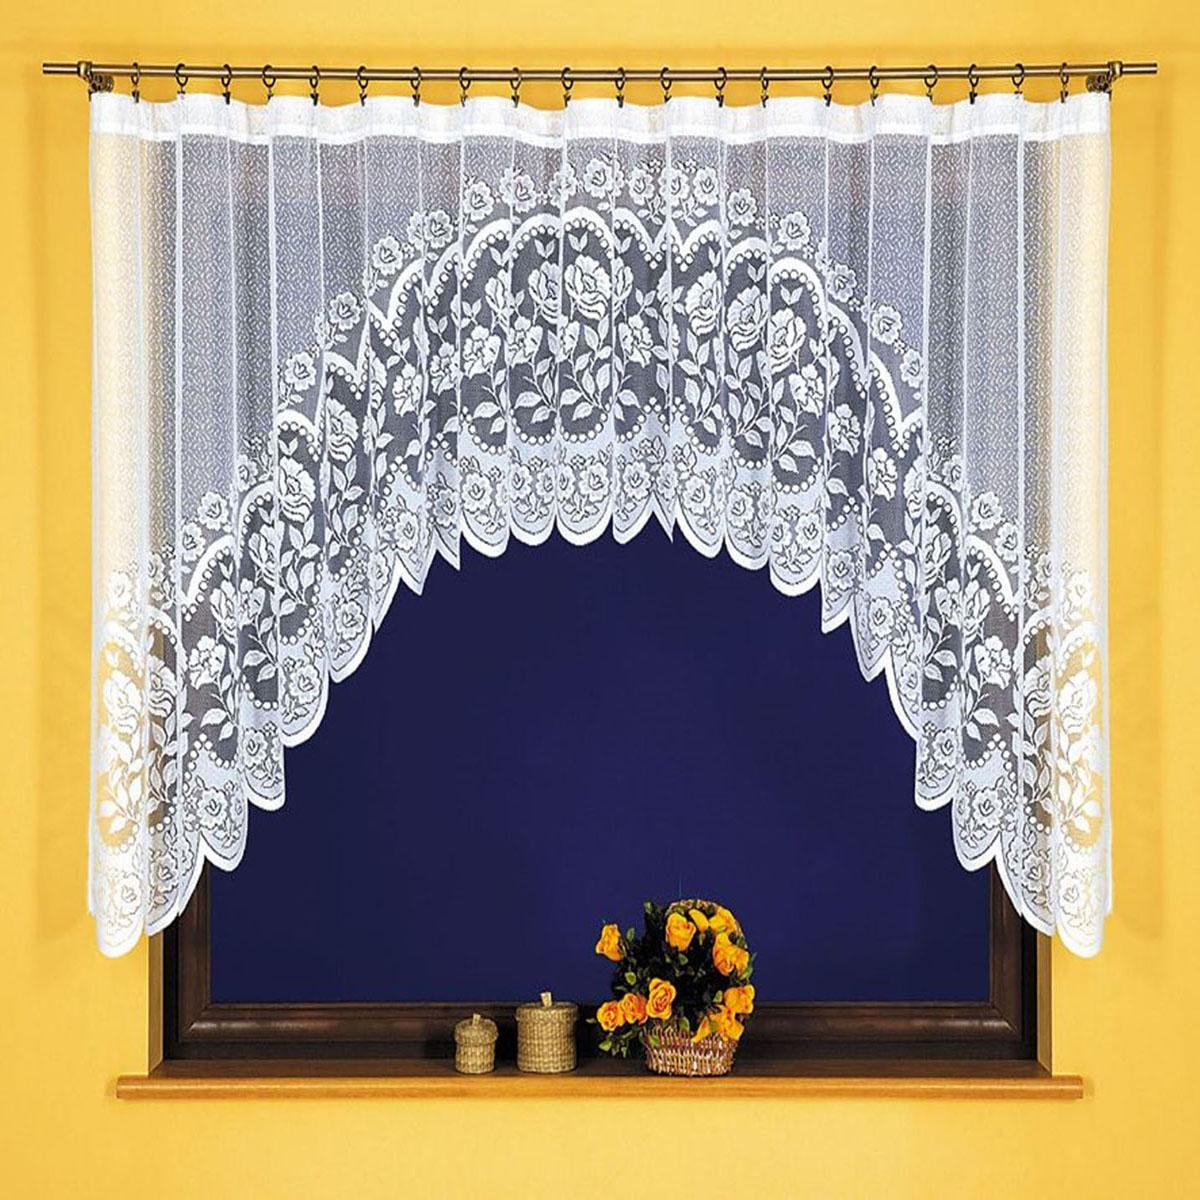 Штора для кухни Wisan, на ленте, цвет: белый, высота 120 см. 2281SVC-300Штора-арка Wisan, выполненная из легкого полупрозрачного полиэстера белого цвета, станет великолепным украшением кухонного окна. Изделие имеет ассиметричную длину и красивый цветочный рисунок по всей поверхности полотна. Качественный материал и оригинальный дизайн привлекут к себе внимание и позволят шторе органично вписаться в интерьер помещения. Штора оснащена шторной лентой под зажимы для крепления на карниз.